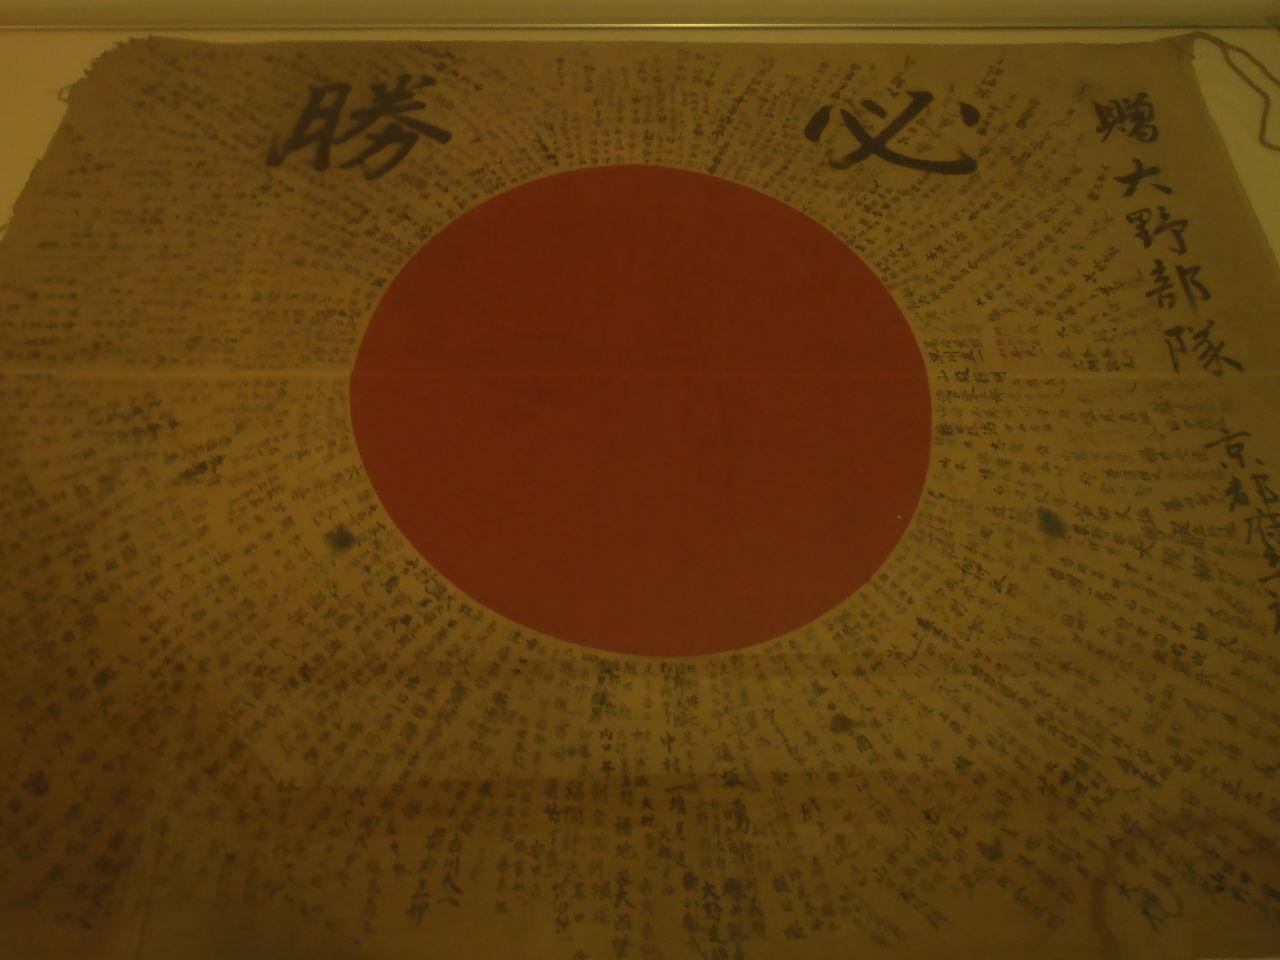 靖國神社 : 水野雅広のなんやかんやブログ